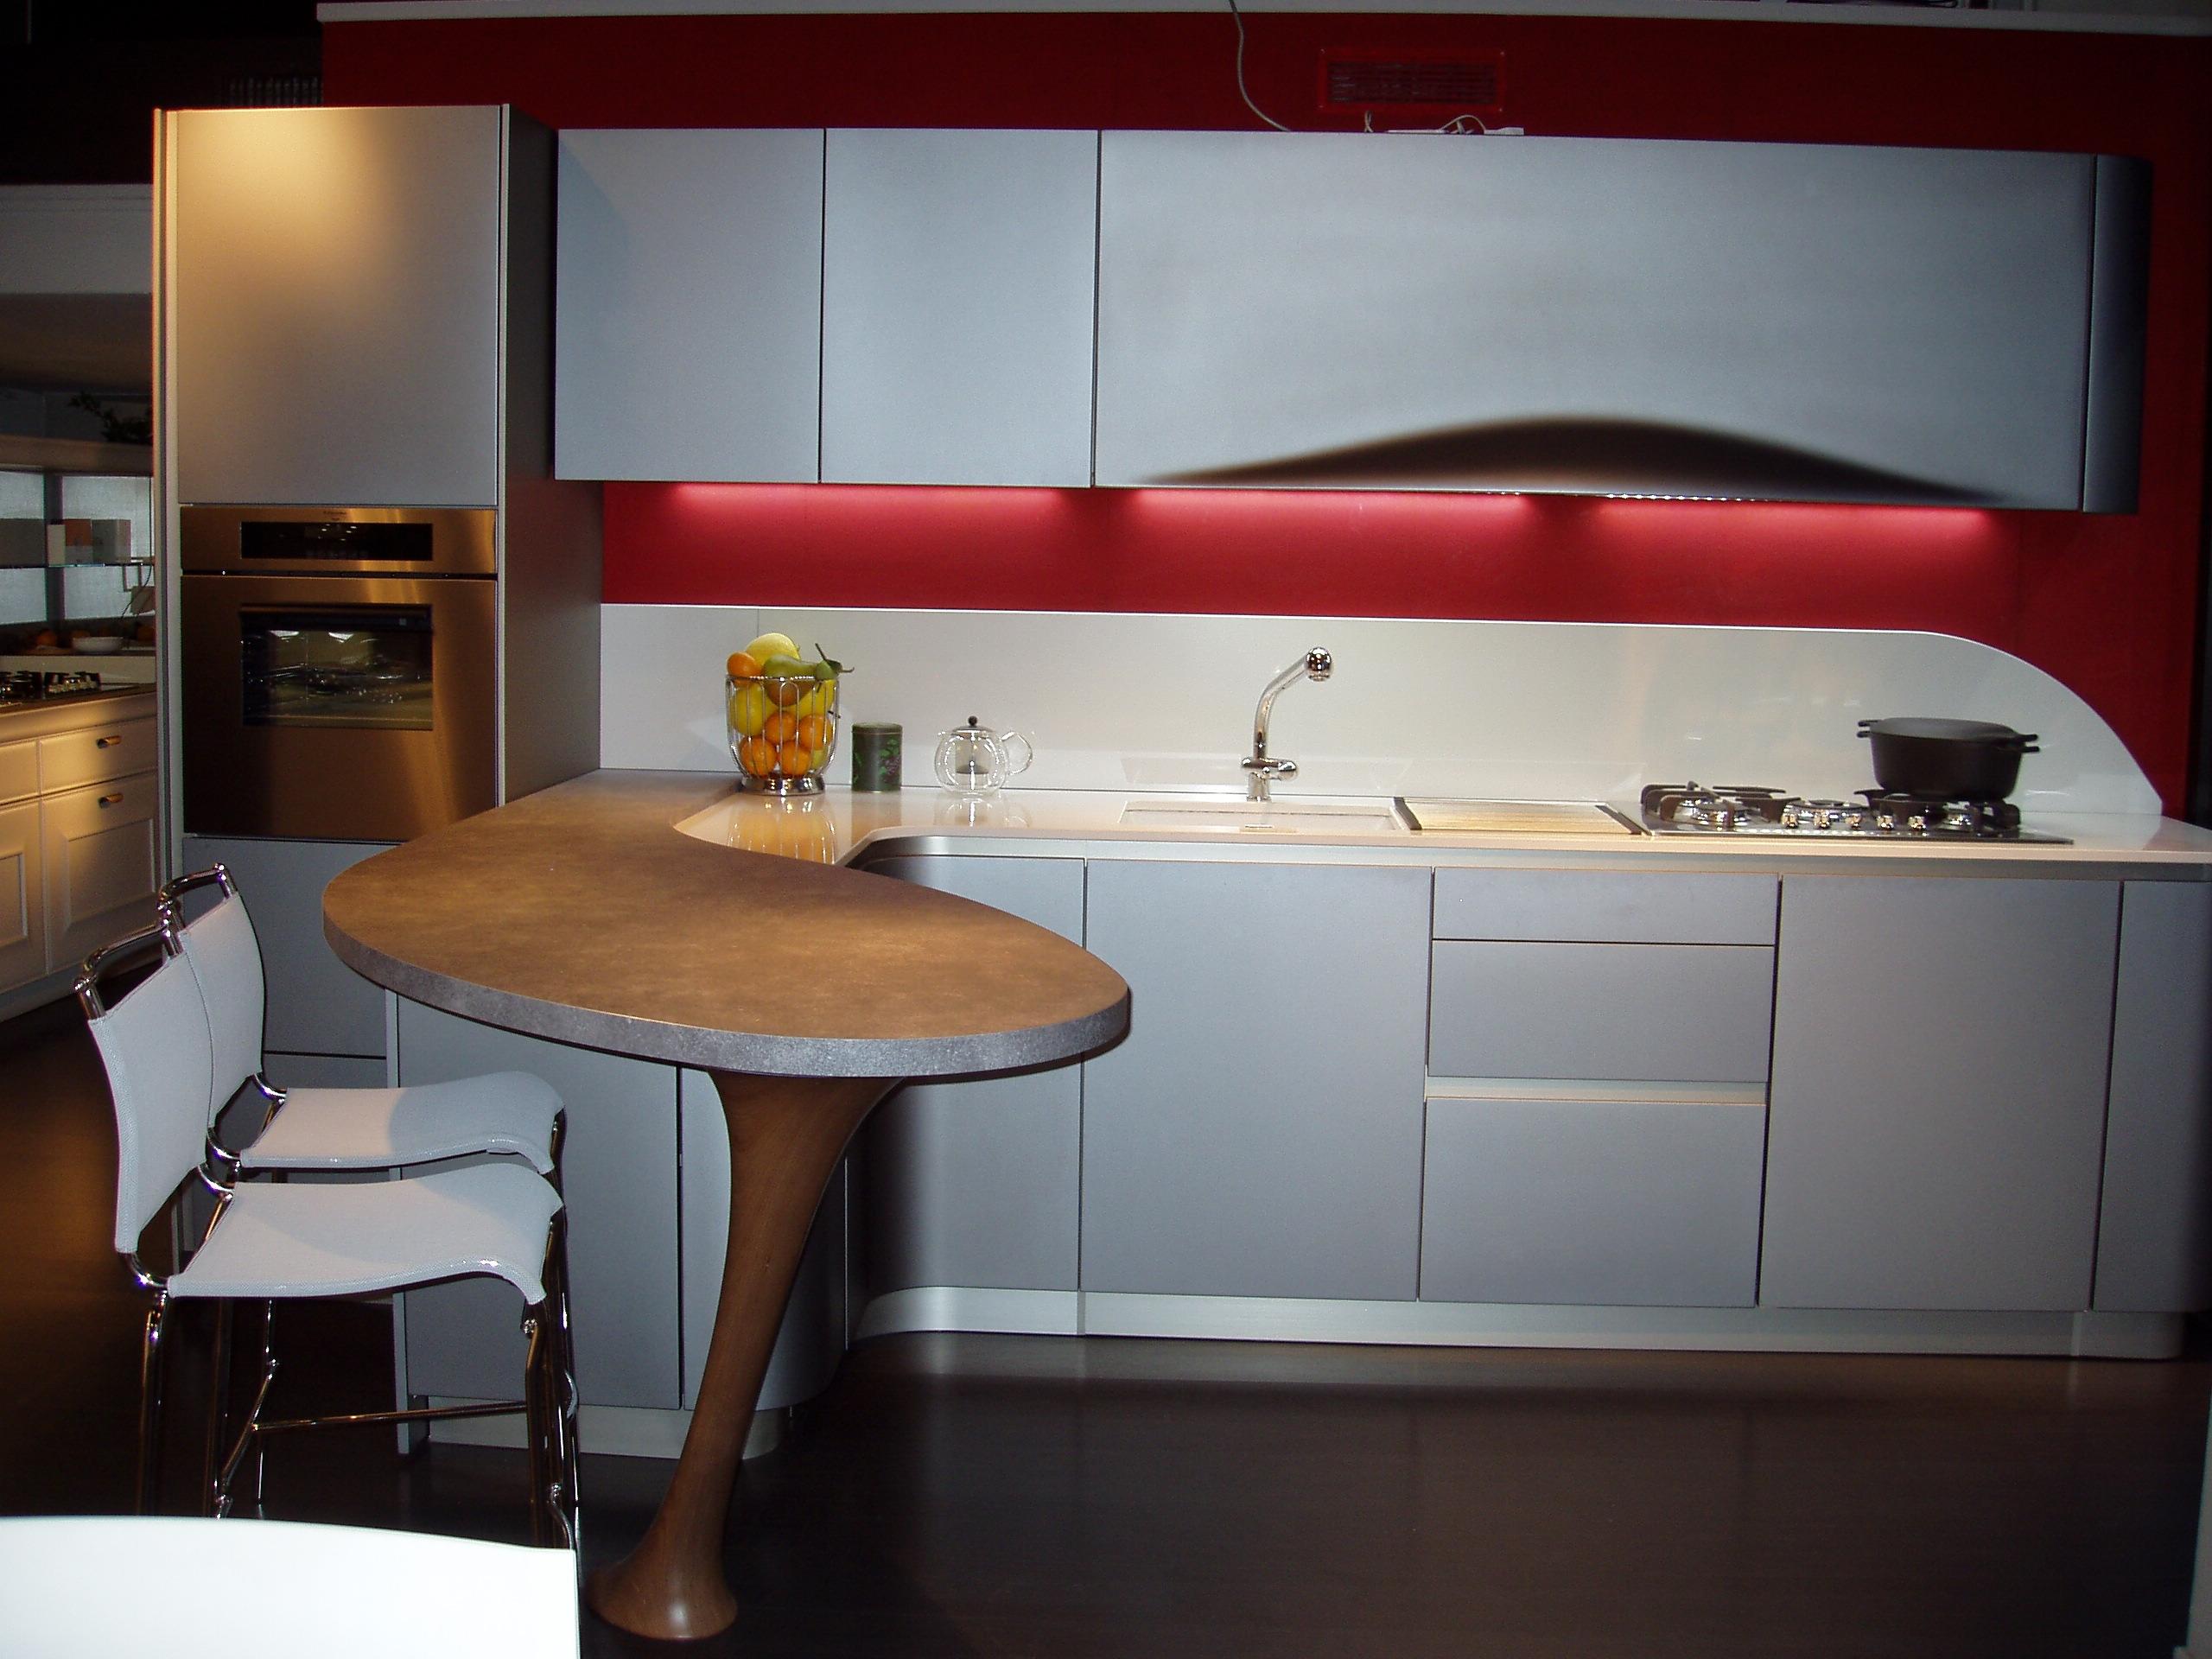 Cucina snaidero scontata 16246 cucine a prezzi scontati - Isola cucina dimensioni minime ...